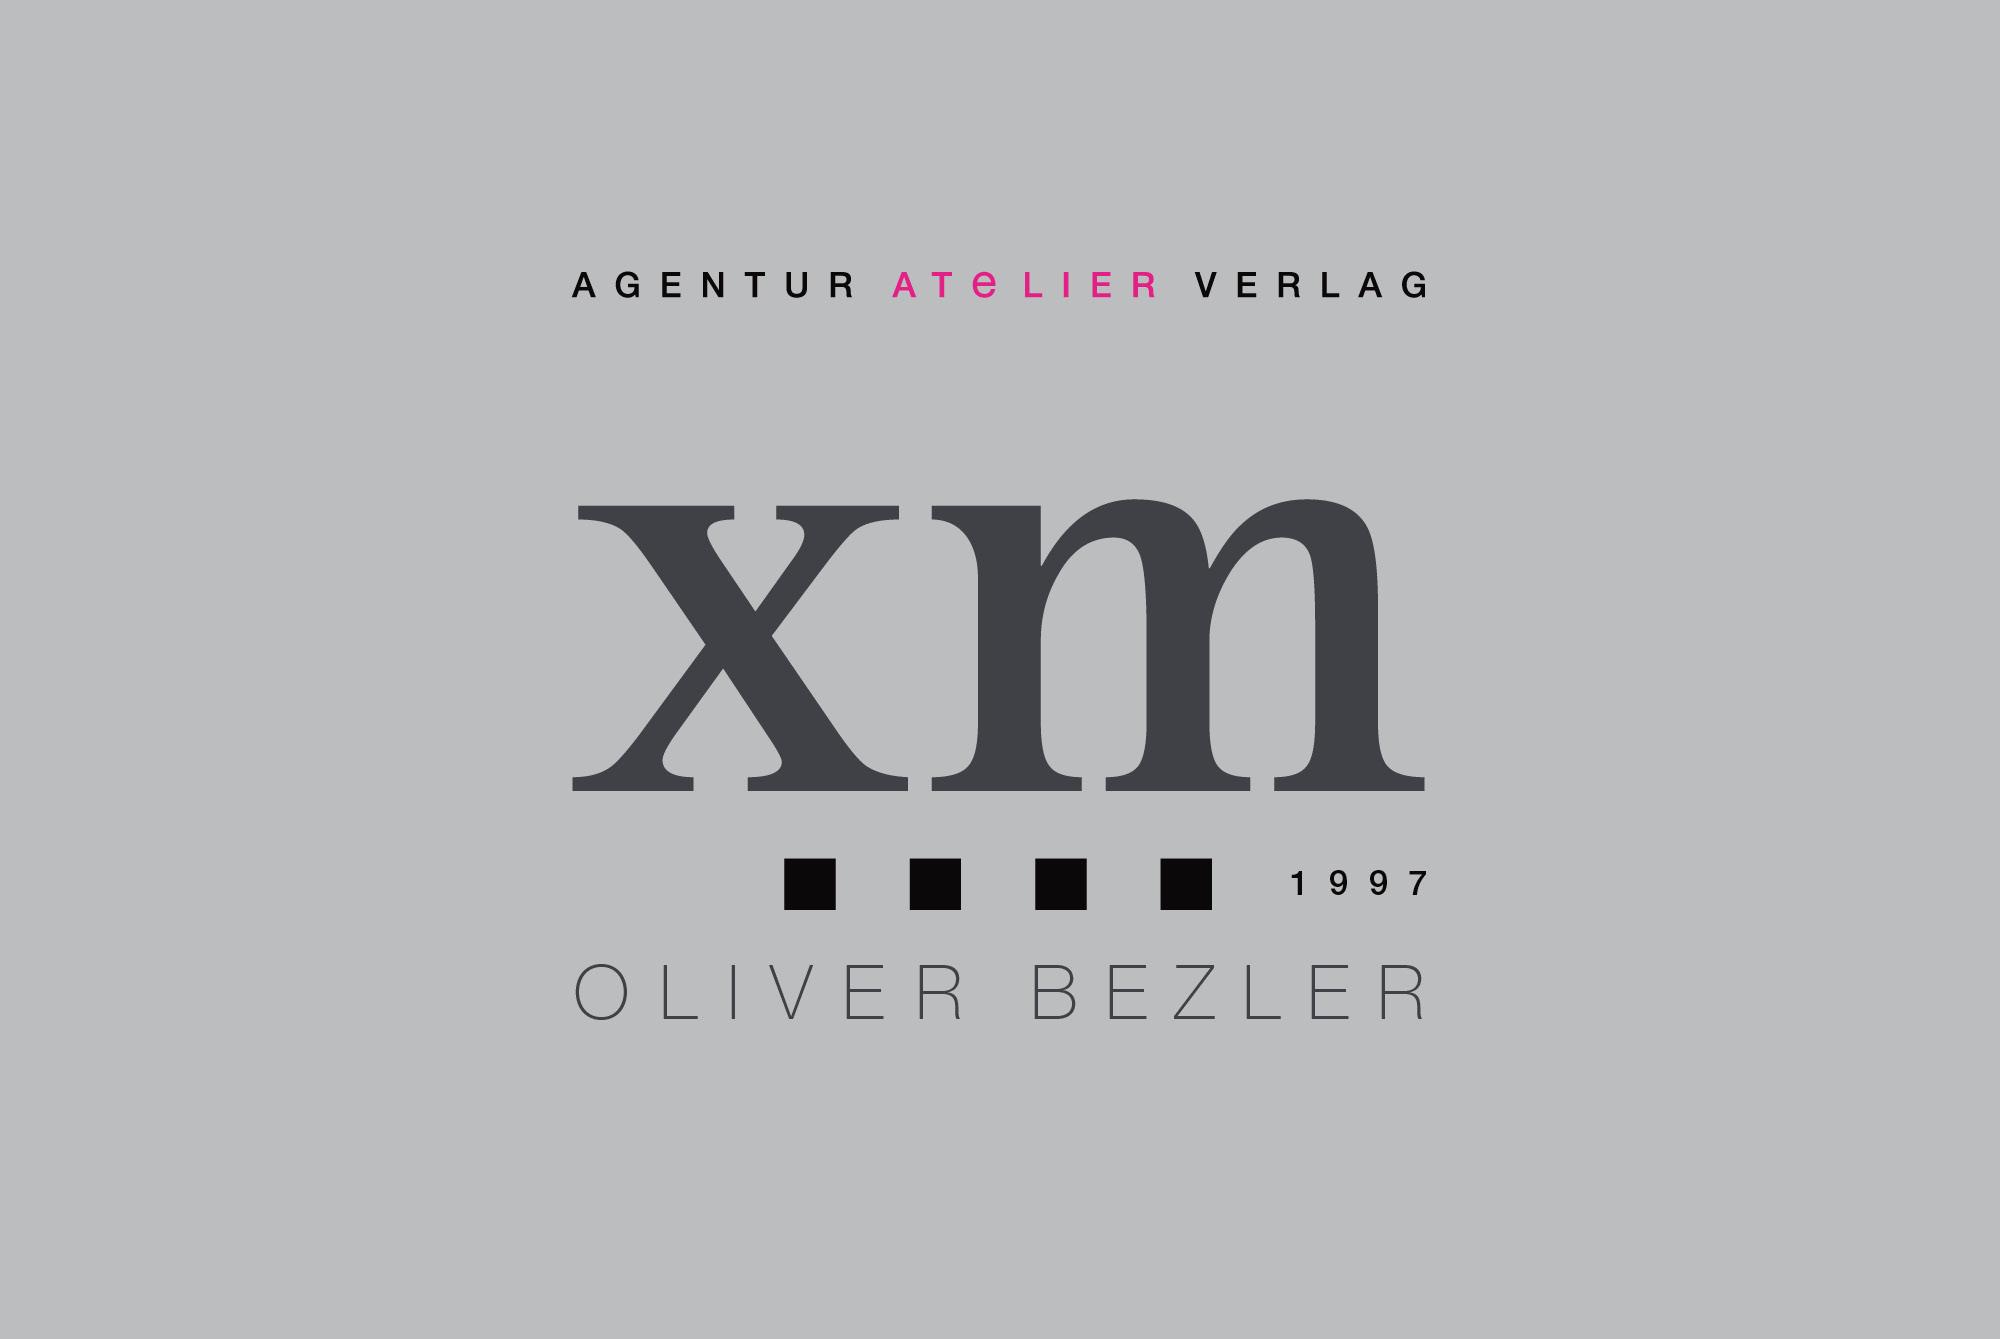 xm-20Jahre-visual-titel-2017-logo